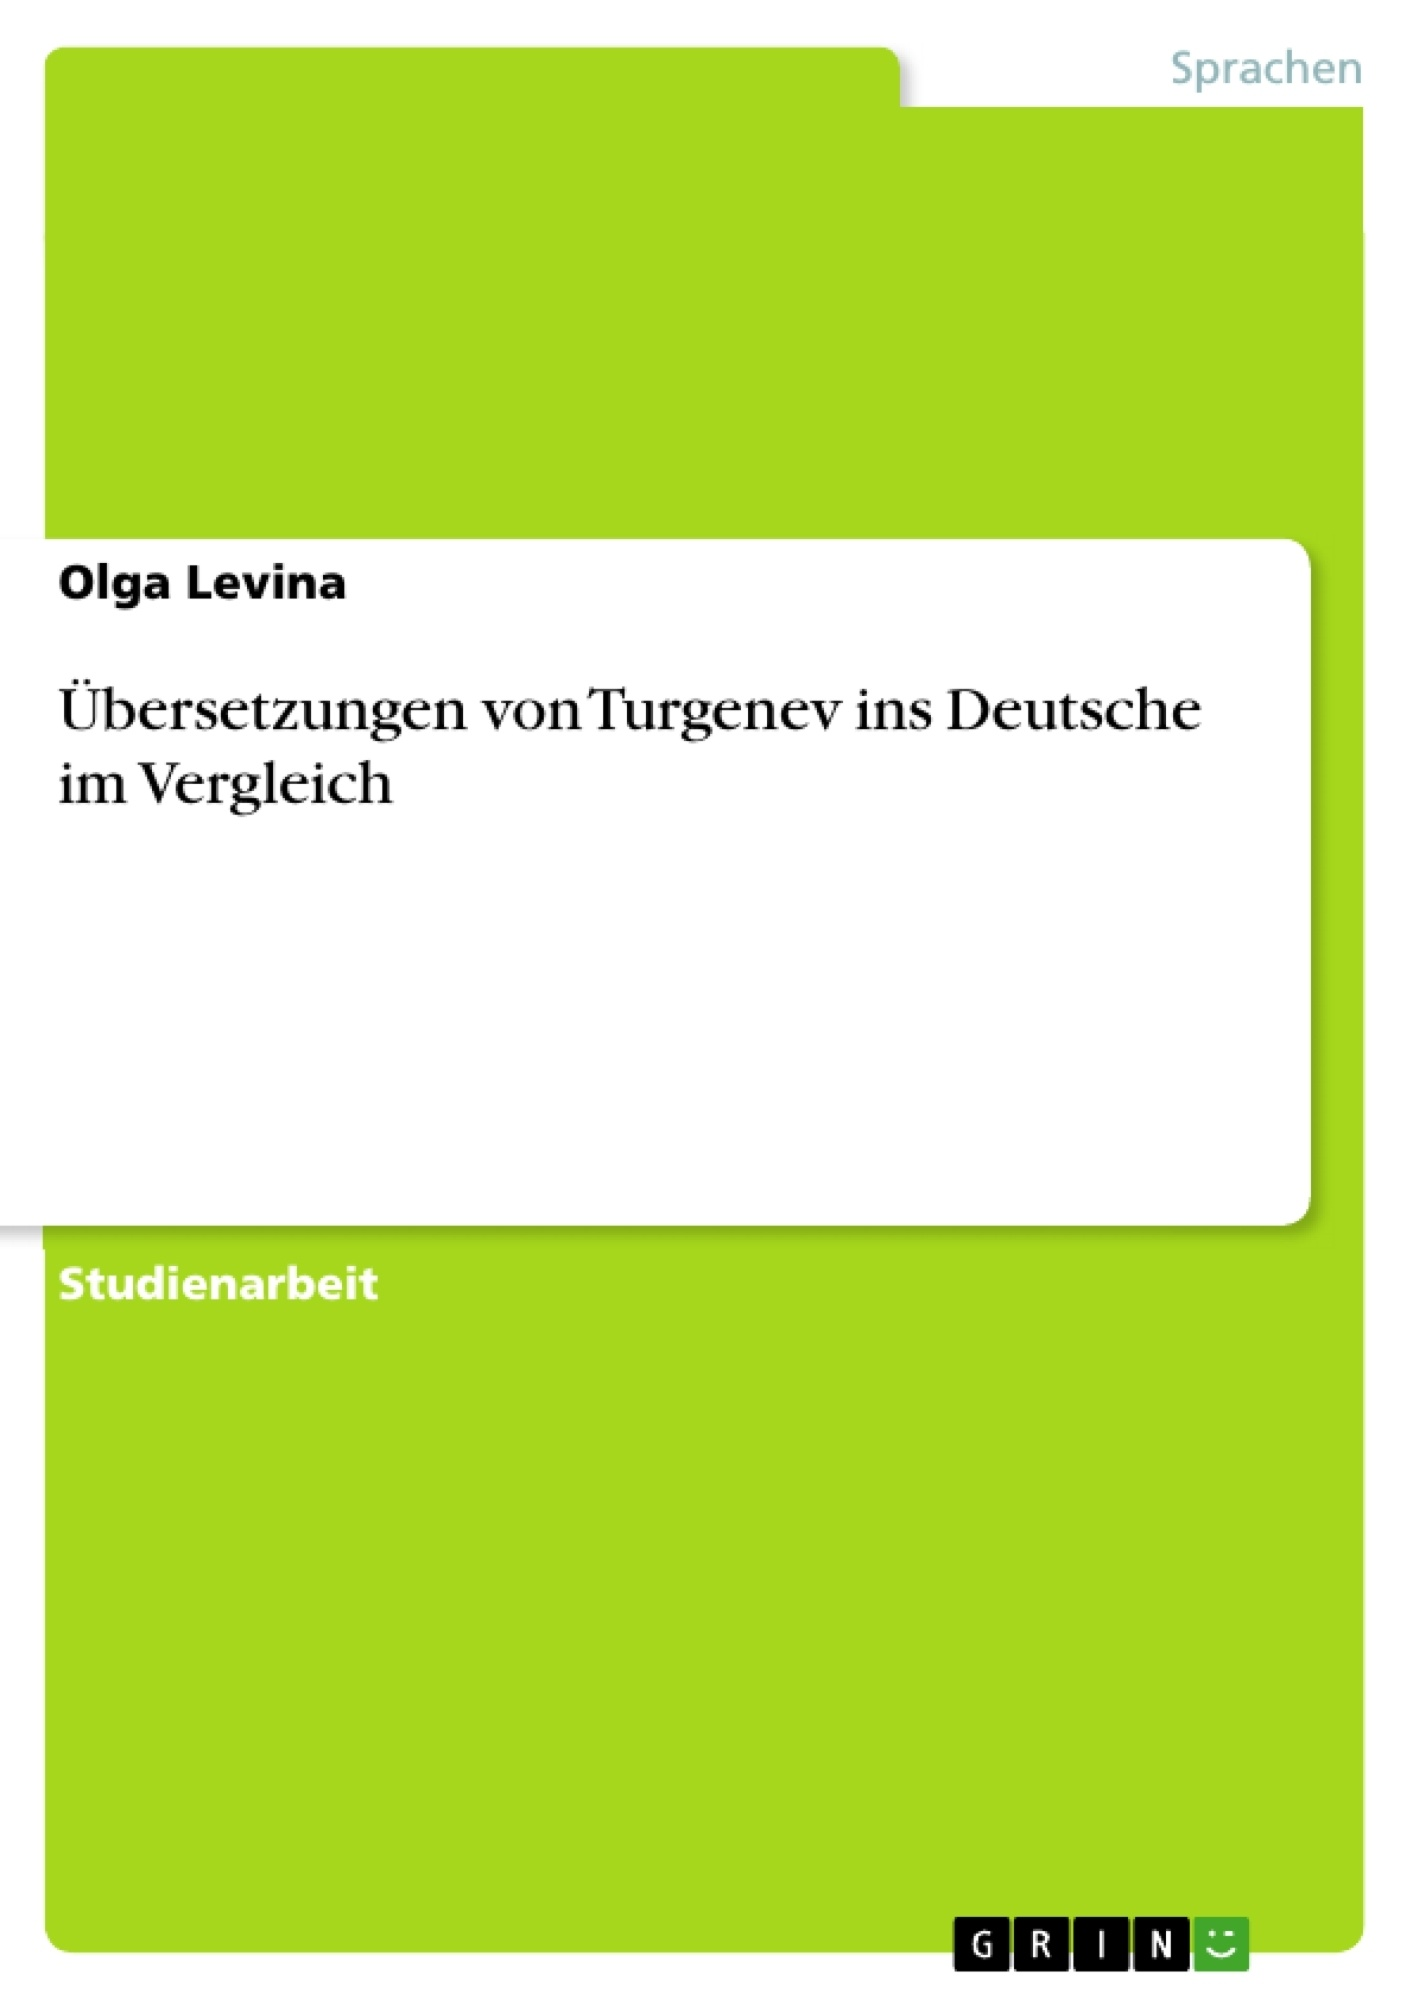 Titel: Übersetzungen von Turgenev ins Deutsche im Vergleich